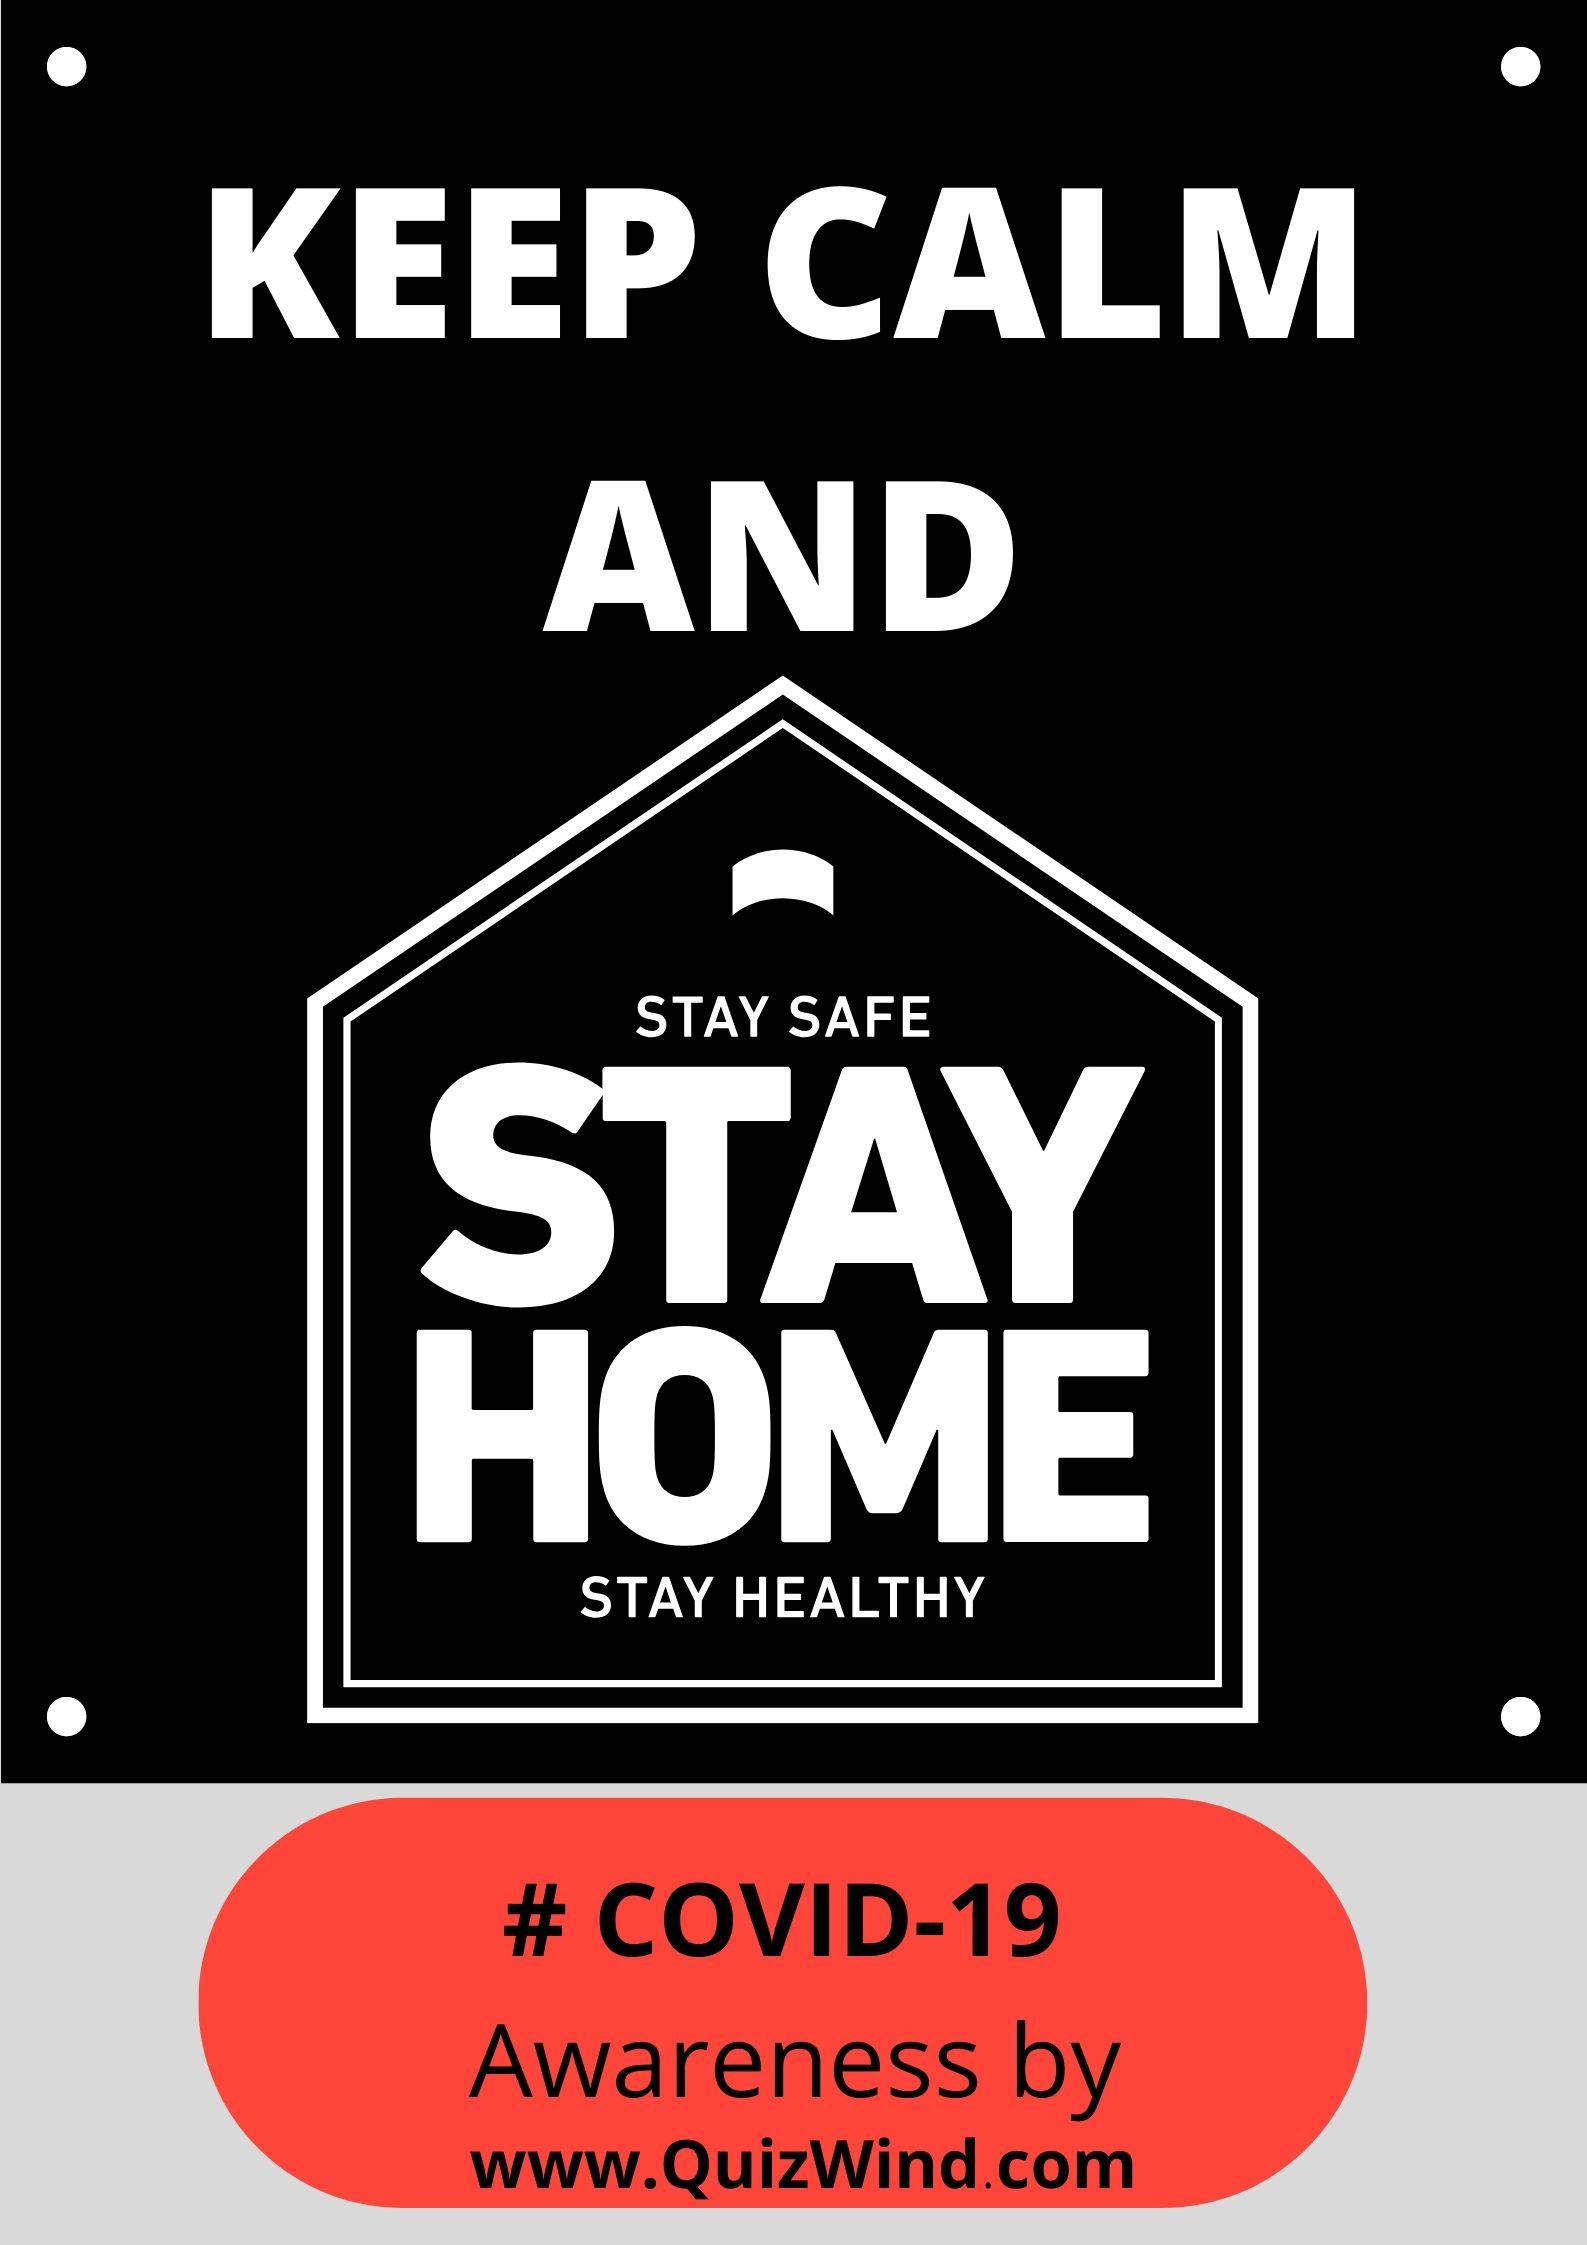 covid19 safety slogans